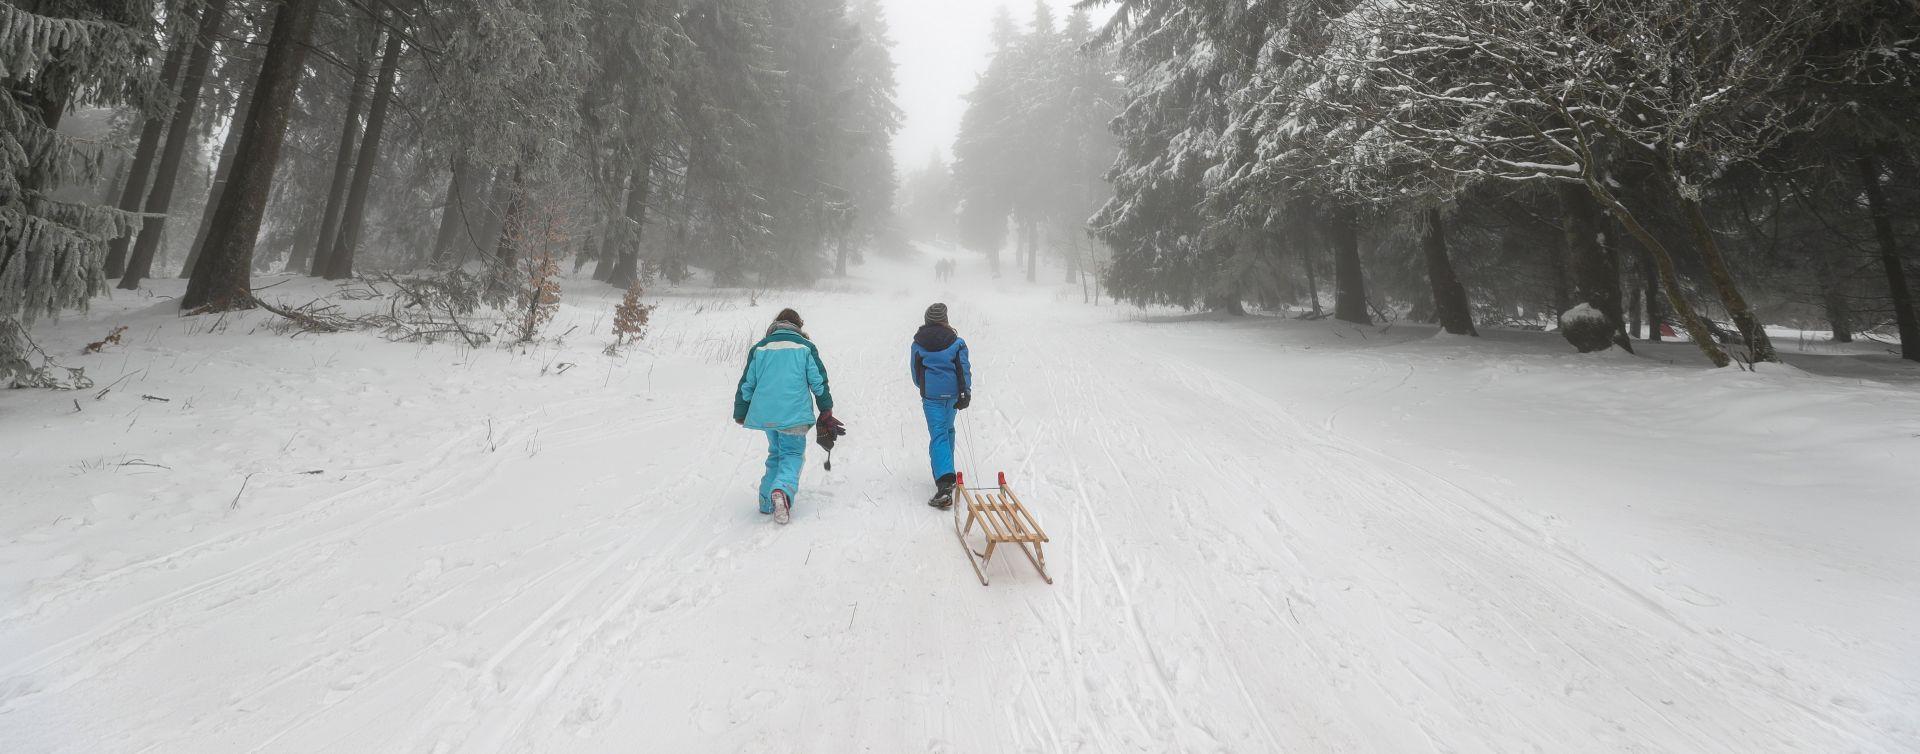 Tijekom vikenda osmero mrtvih u Poljskoj od hladnoće